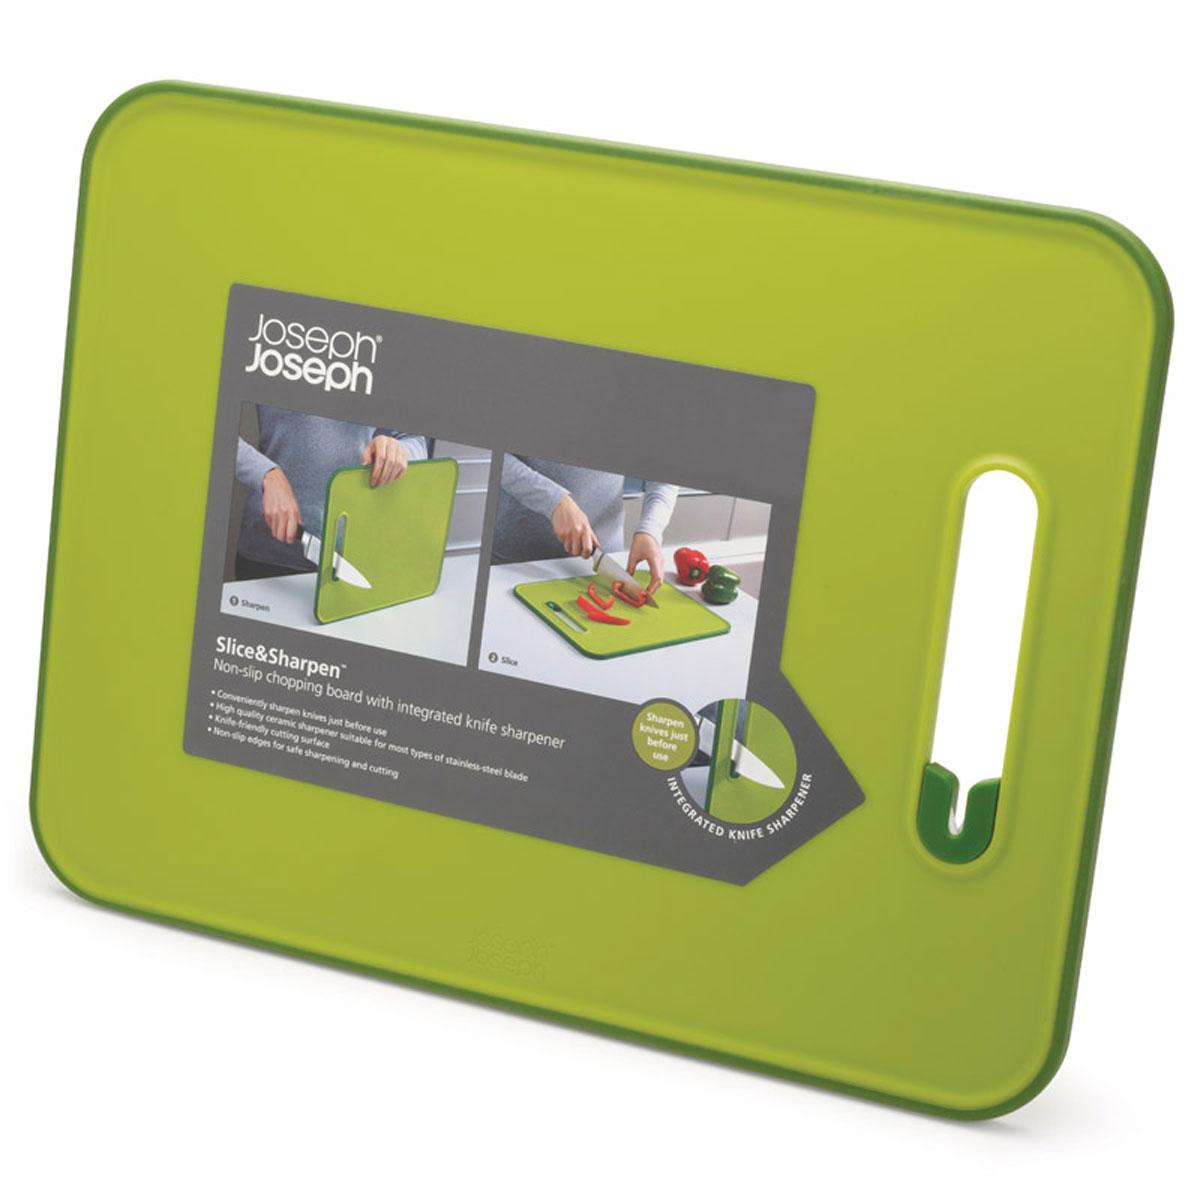 Доска разделочная Joseph Joseph Slice & Sharpen, с ножеточкой, цвет: зеленый, 37 х 28 х 1 см60027Доска разделочная Joseph Joseph Slice & Sharpen изготовлена из полипропилена, который защищает целостность ваших ножей и минимизирует его затупление. Доска оснащена керамической точилкой для лезвия, которая встроена прямо в рабочую поверхность. Для заточки поставьте доску на сухую плоскую поверхность, поместить лезвие ножа в прорезь и проведите несколько раз. Нескользящий прорезиненный край доски обеспечивает устойчивость, как при нарезке продуктов, так и при заточке лезвия. Можно мыть в посудомоечной машине.